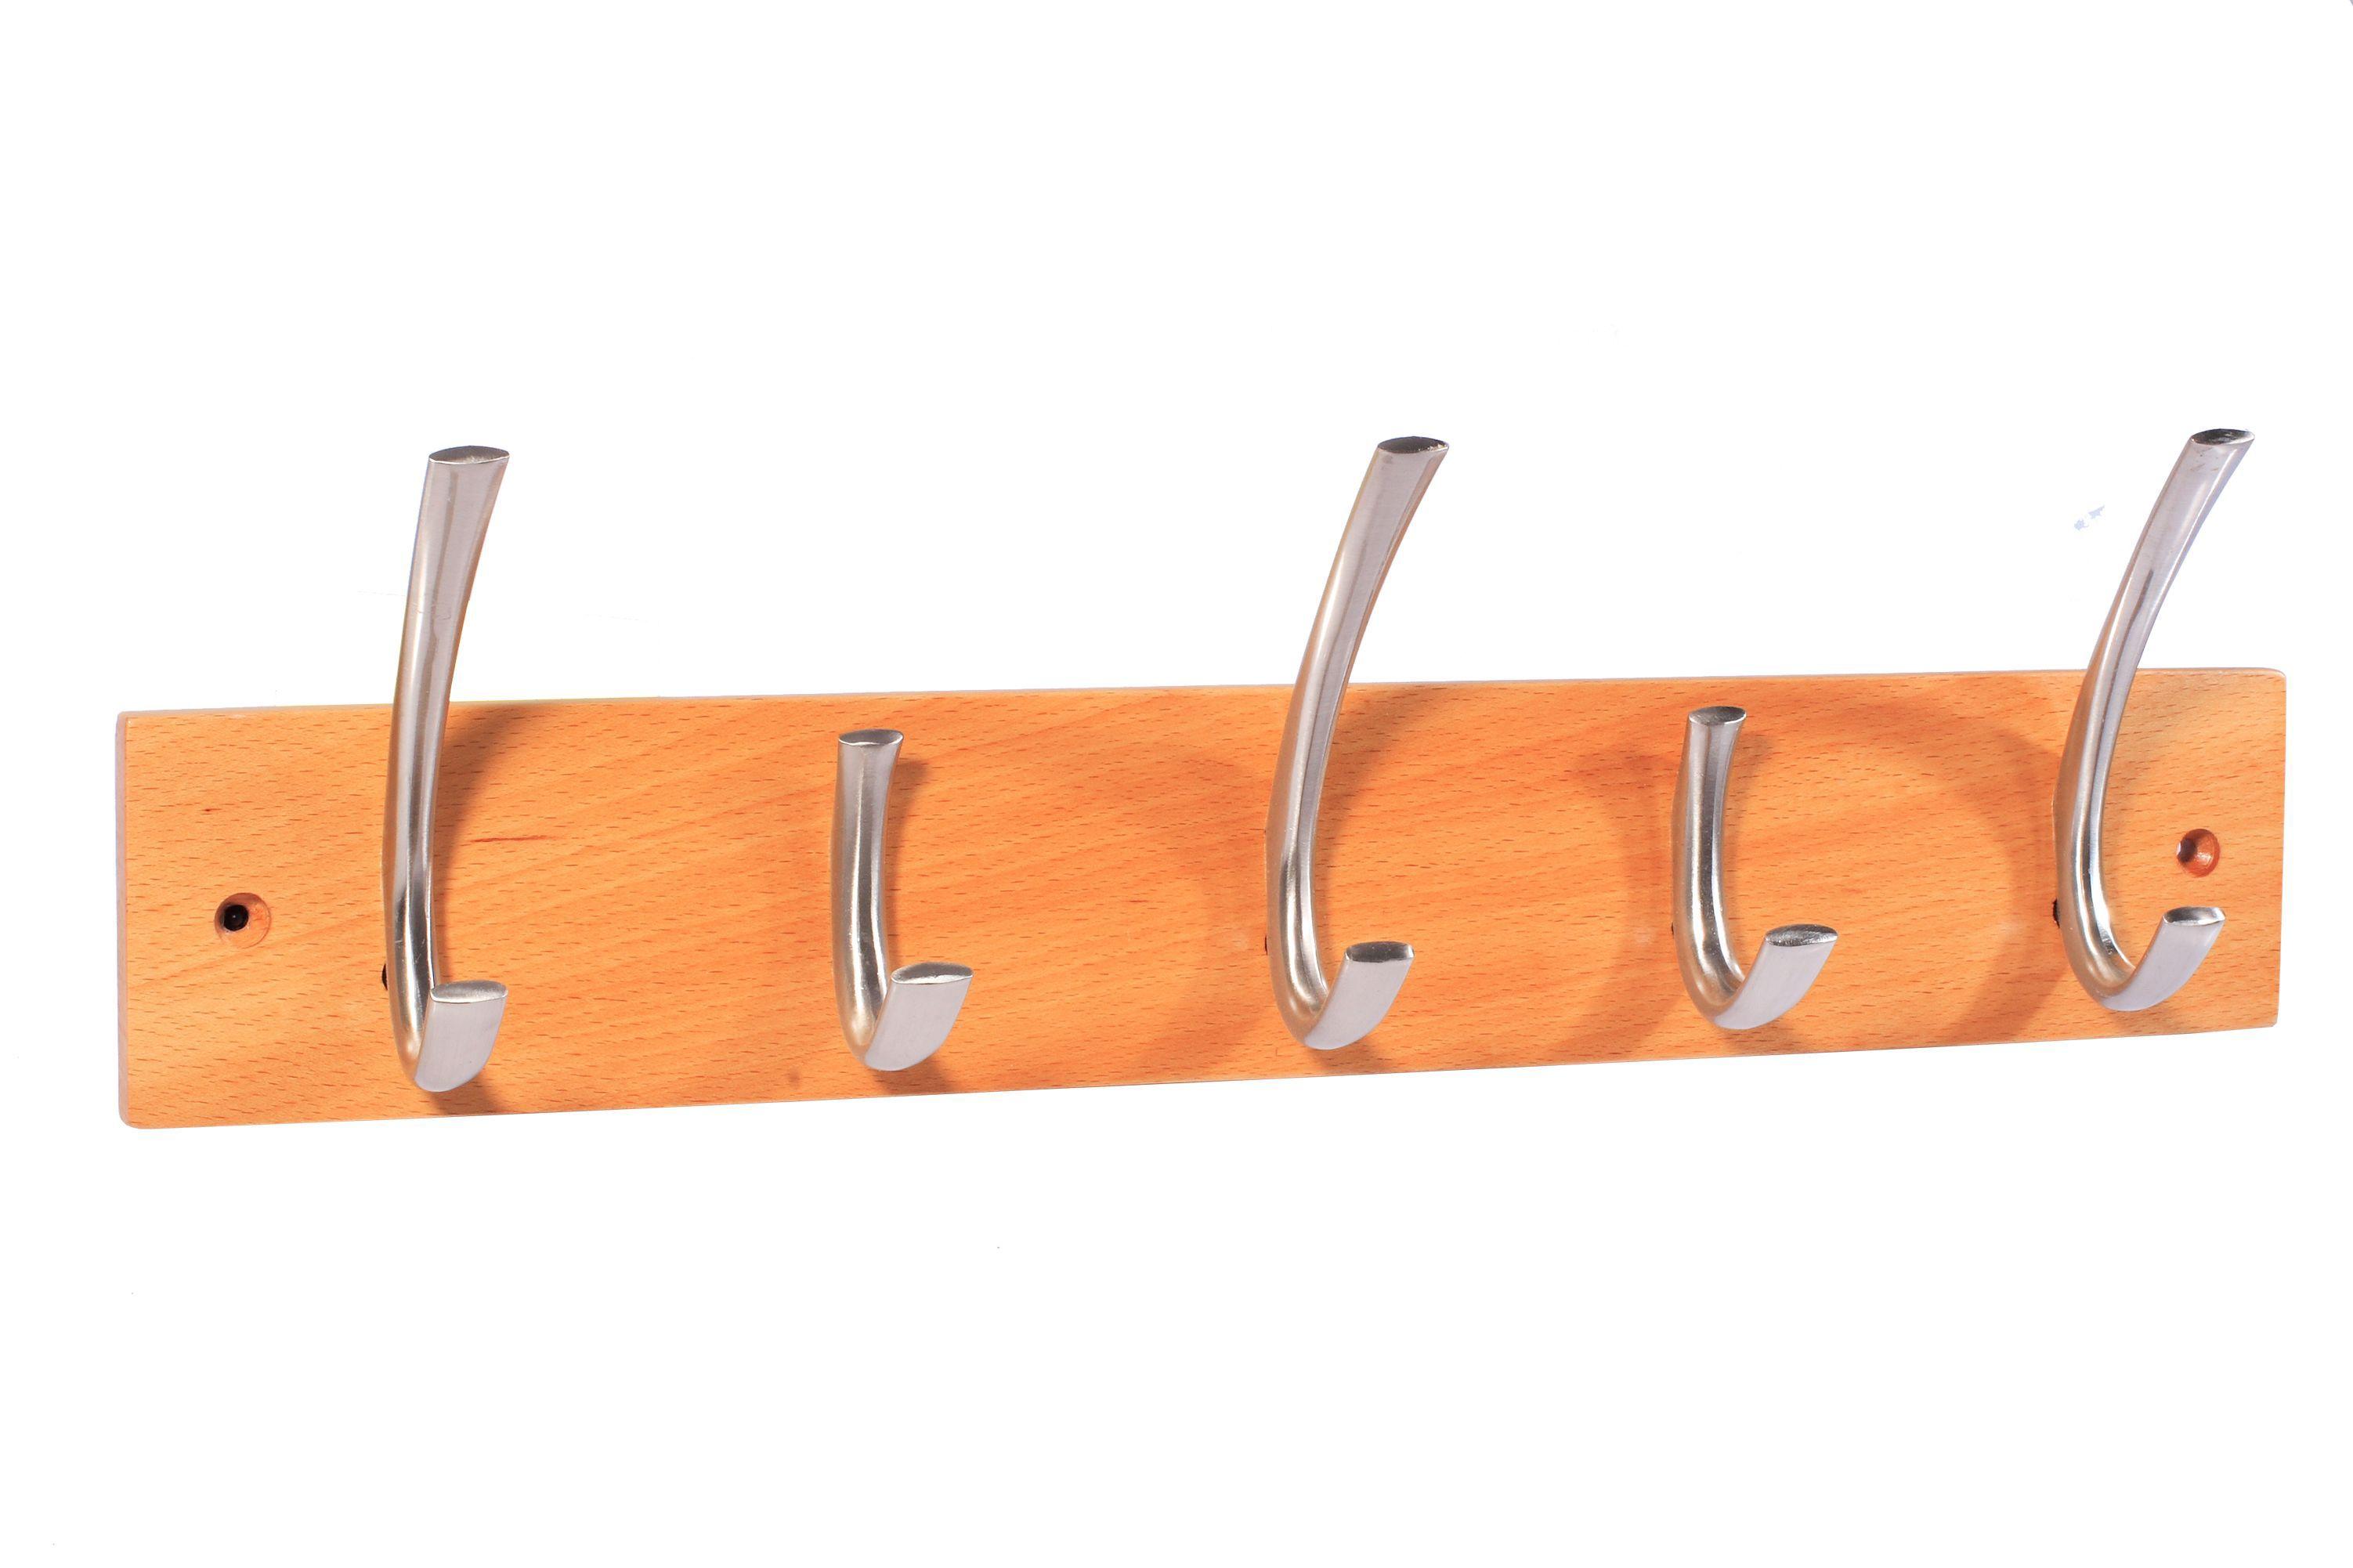 B&q Satin Nickel Effect & Pine Hook Rail (h)12mm (w)80mm (l)460mm